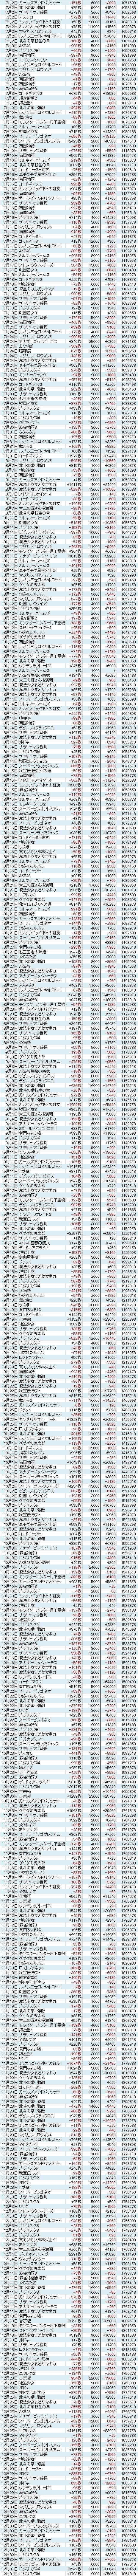 2016年収支7-12